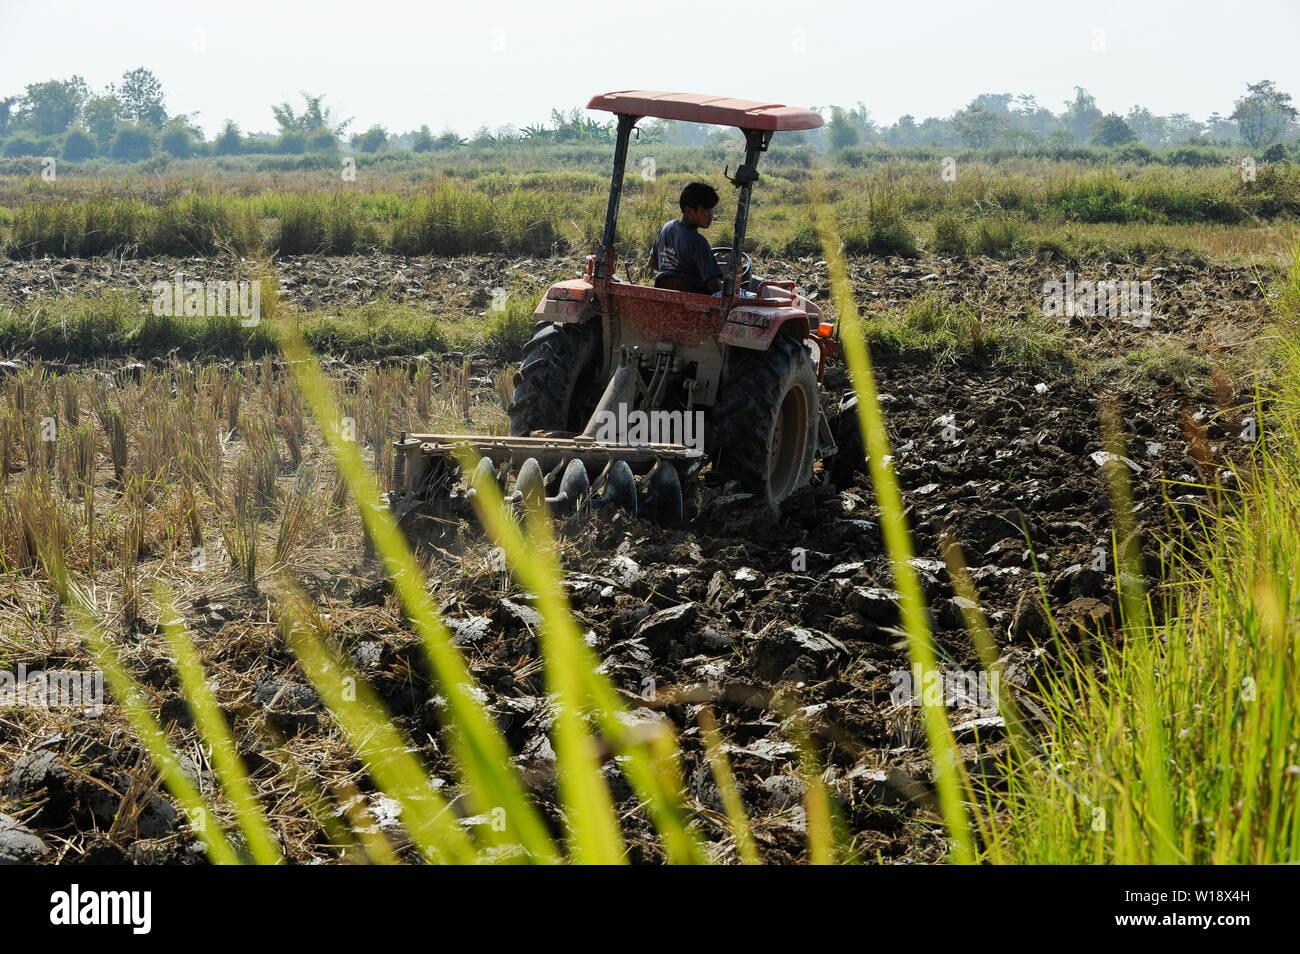 LAOS, rice research NAFRI, experimental farm, ploughing of paddy field where rice seeds will be produced / LAOS Vientiane NAFRI Forschungsinstitut fuer Land- u. Forstwirtschaft, Reis Versuchsfelder und Anbau von Hybrid Reis zur Gewinnung von Saatgut, Pfluegen eines Feldes mit Traktor - Stock Image